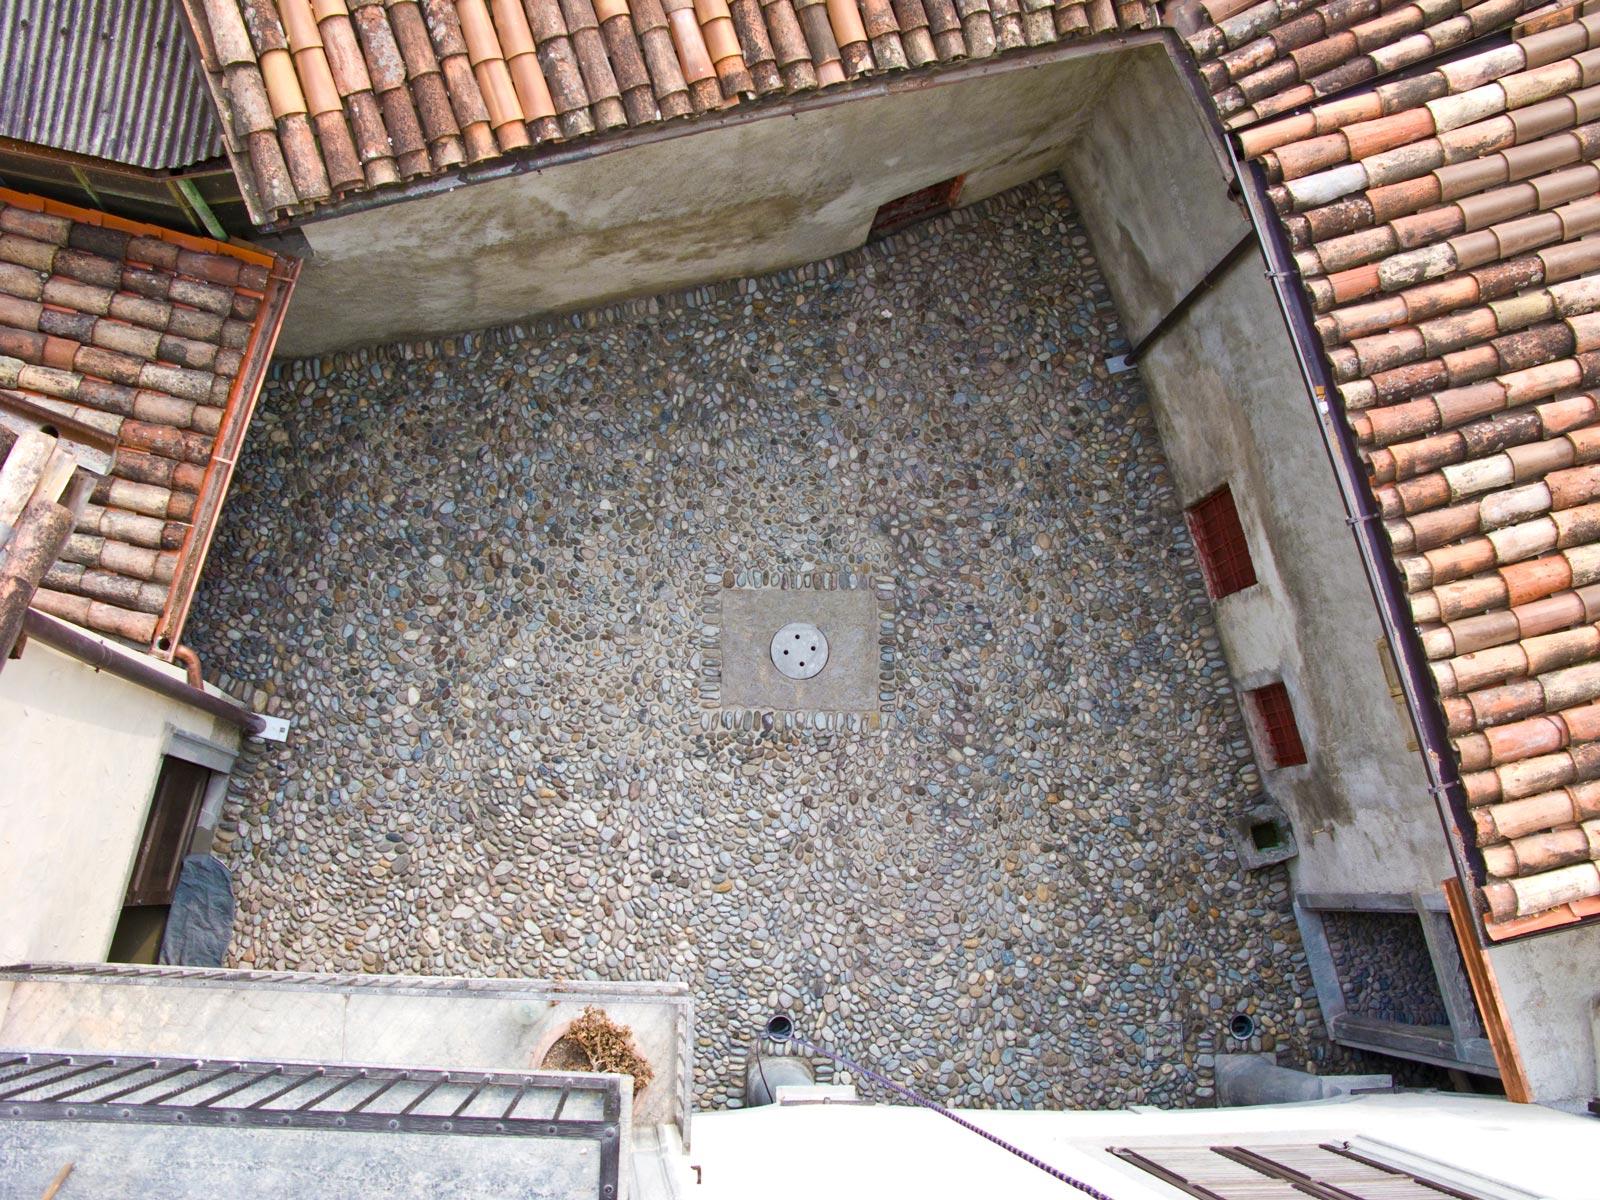 15 - Antico Selciato, abitare pavimenti, classica, accanto alla pietra, l'antico, selciato tondo, abitazioni, acciottolato